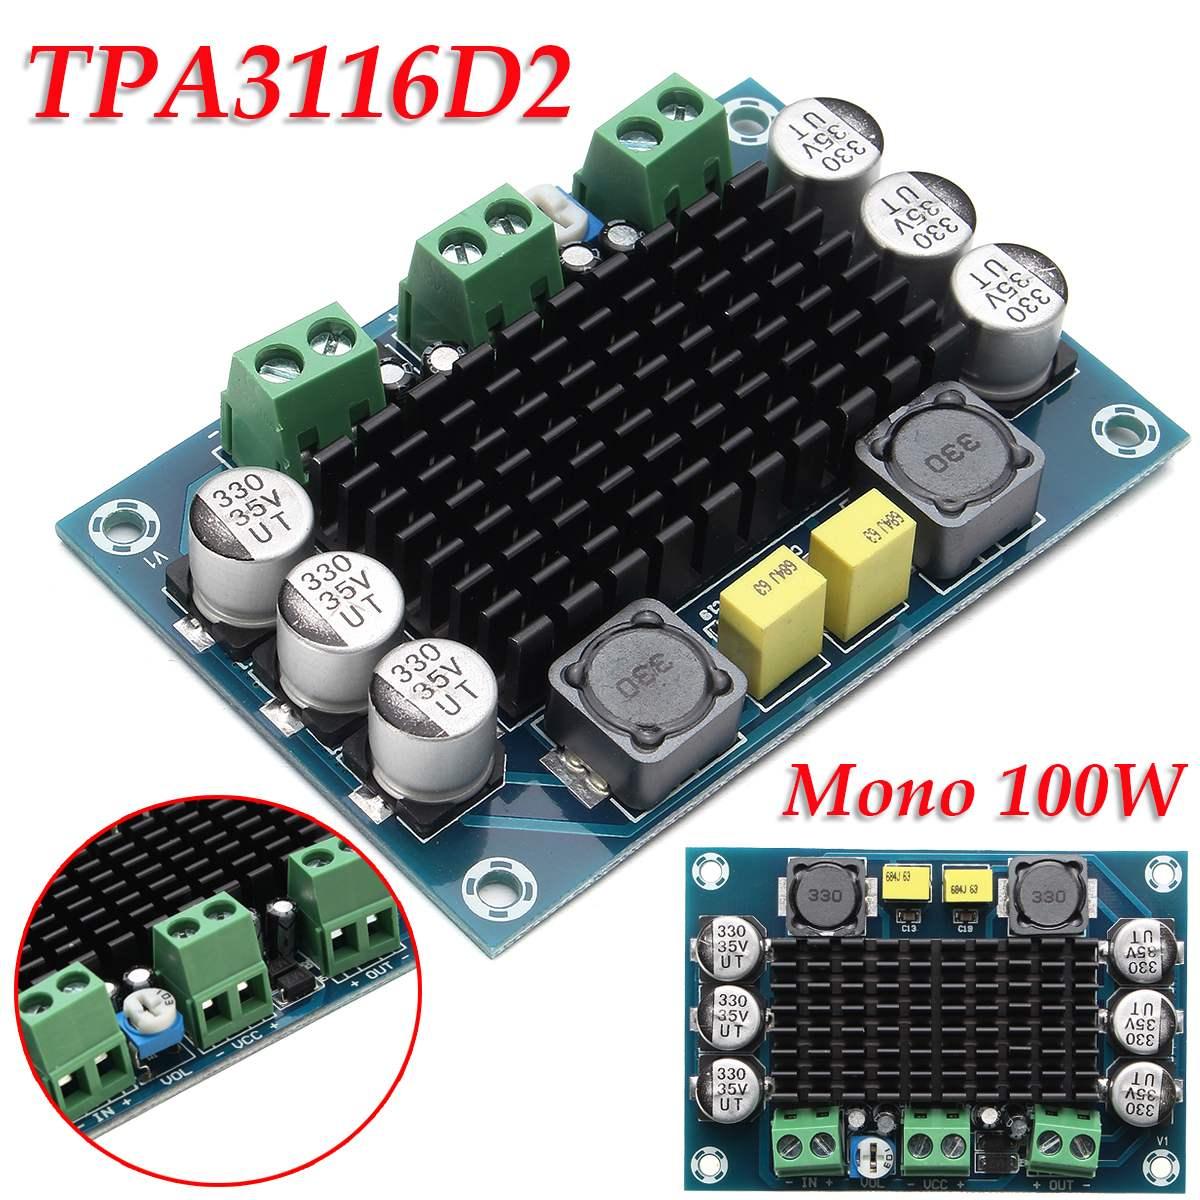 1PC XH-M542 DC12-26V 100W Subwoofer Mono Digital Power Amplifier Board TPA3116D2 Digital Audio Amplifiers NE5532